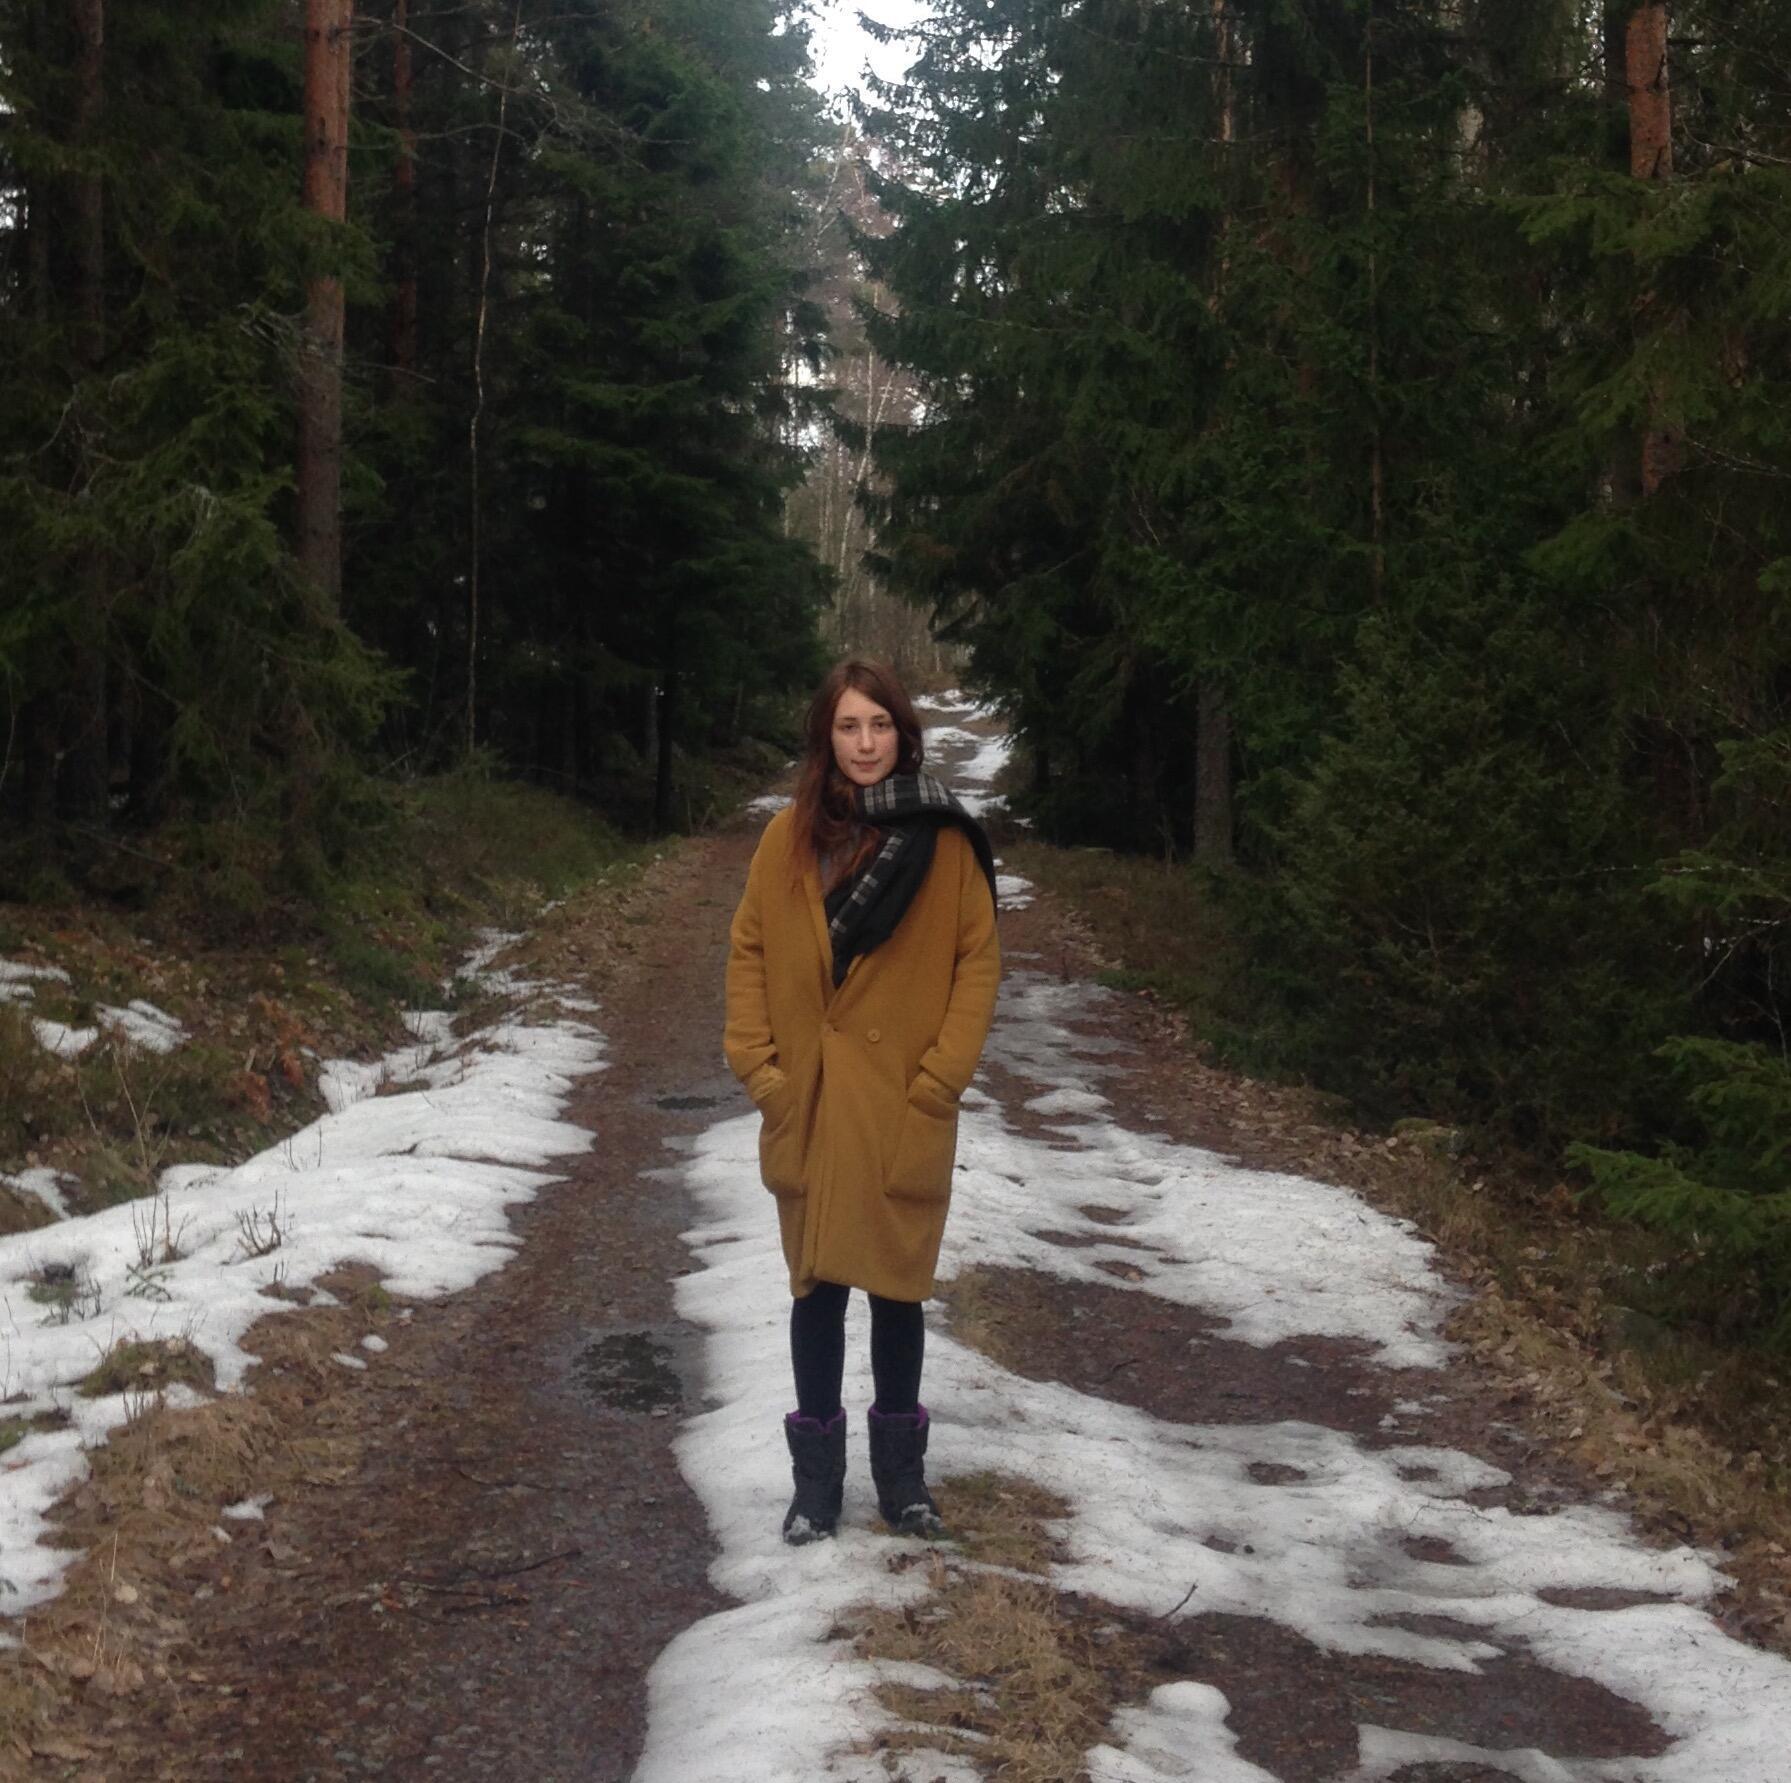 Estudante Léna Lazare já foi de Paris à Finlândia de trem e barco - e a próxima viagem é para o Japão.